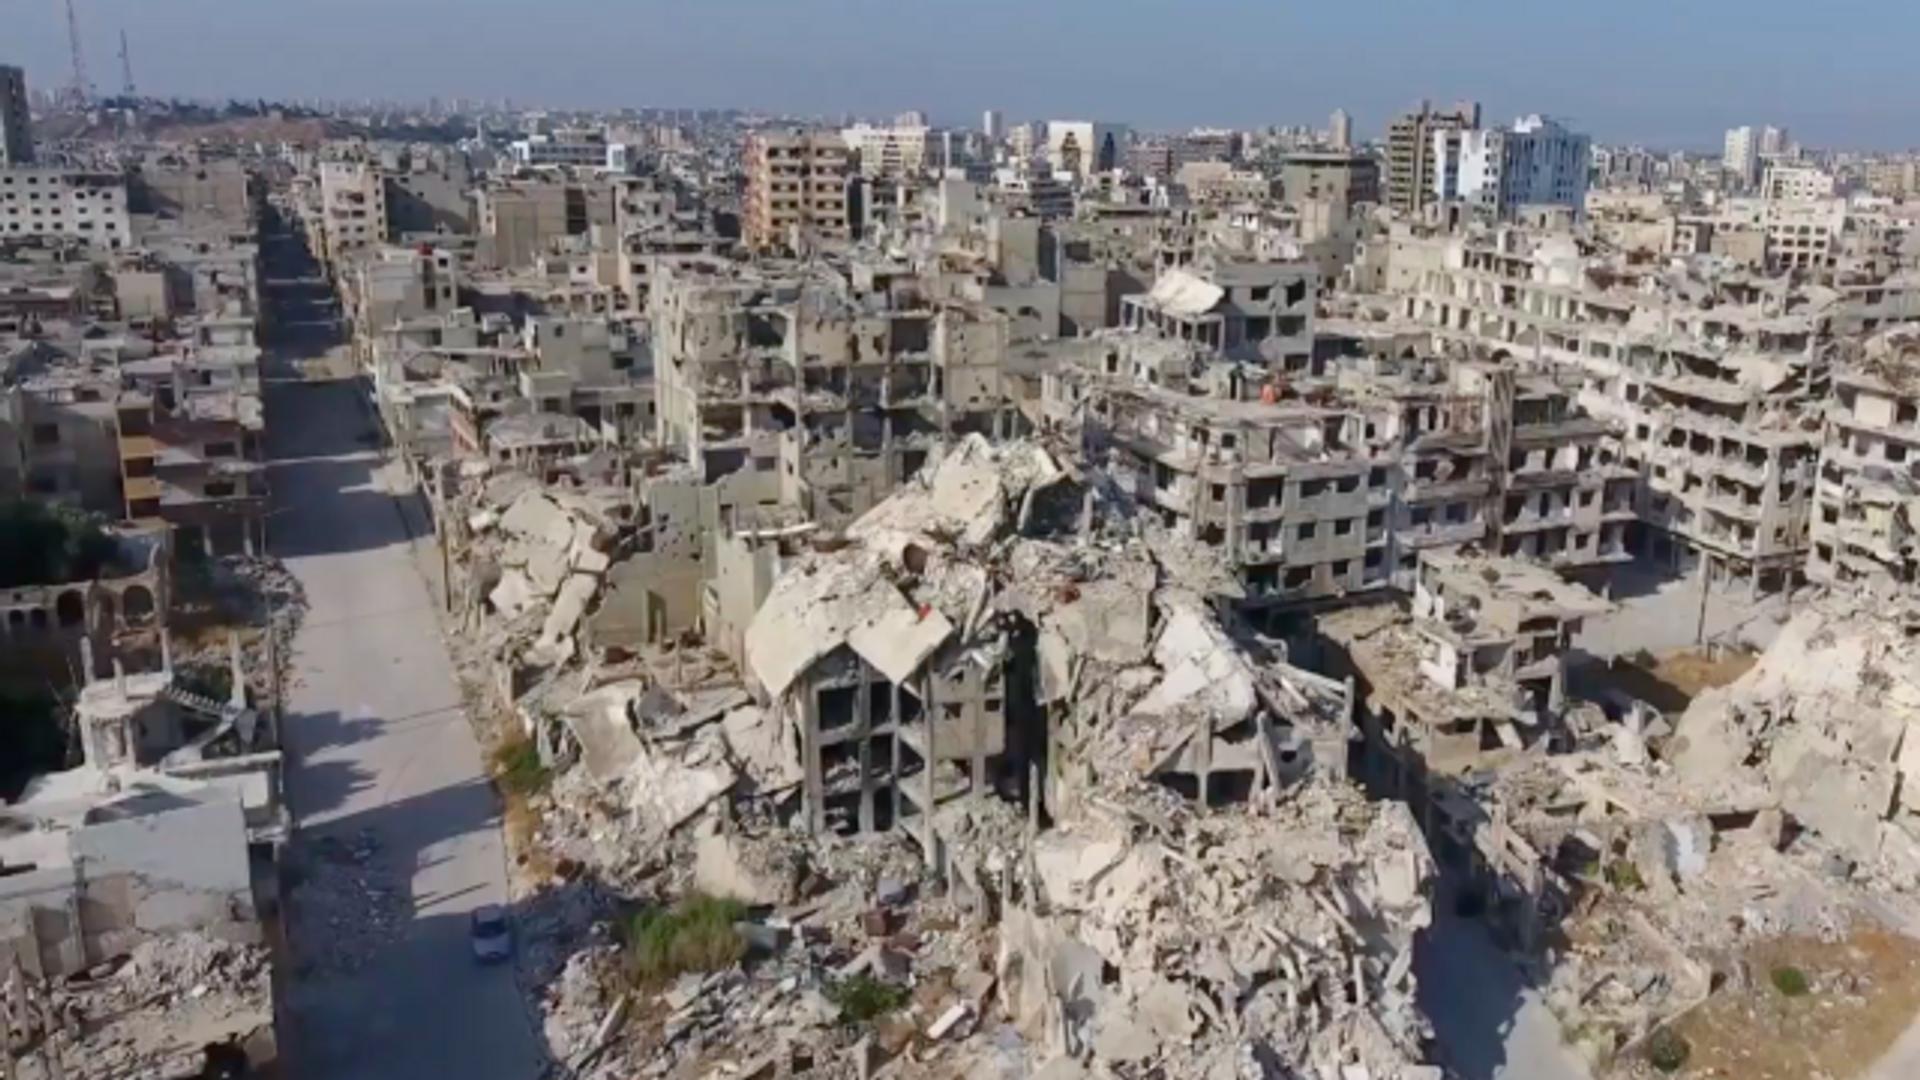 El conflicto sirio cumple una década - Sputnik Mundo, 1920, 15.03.2021